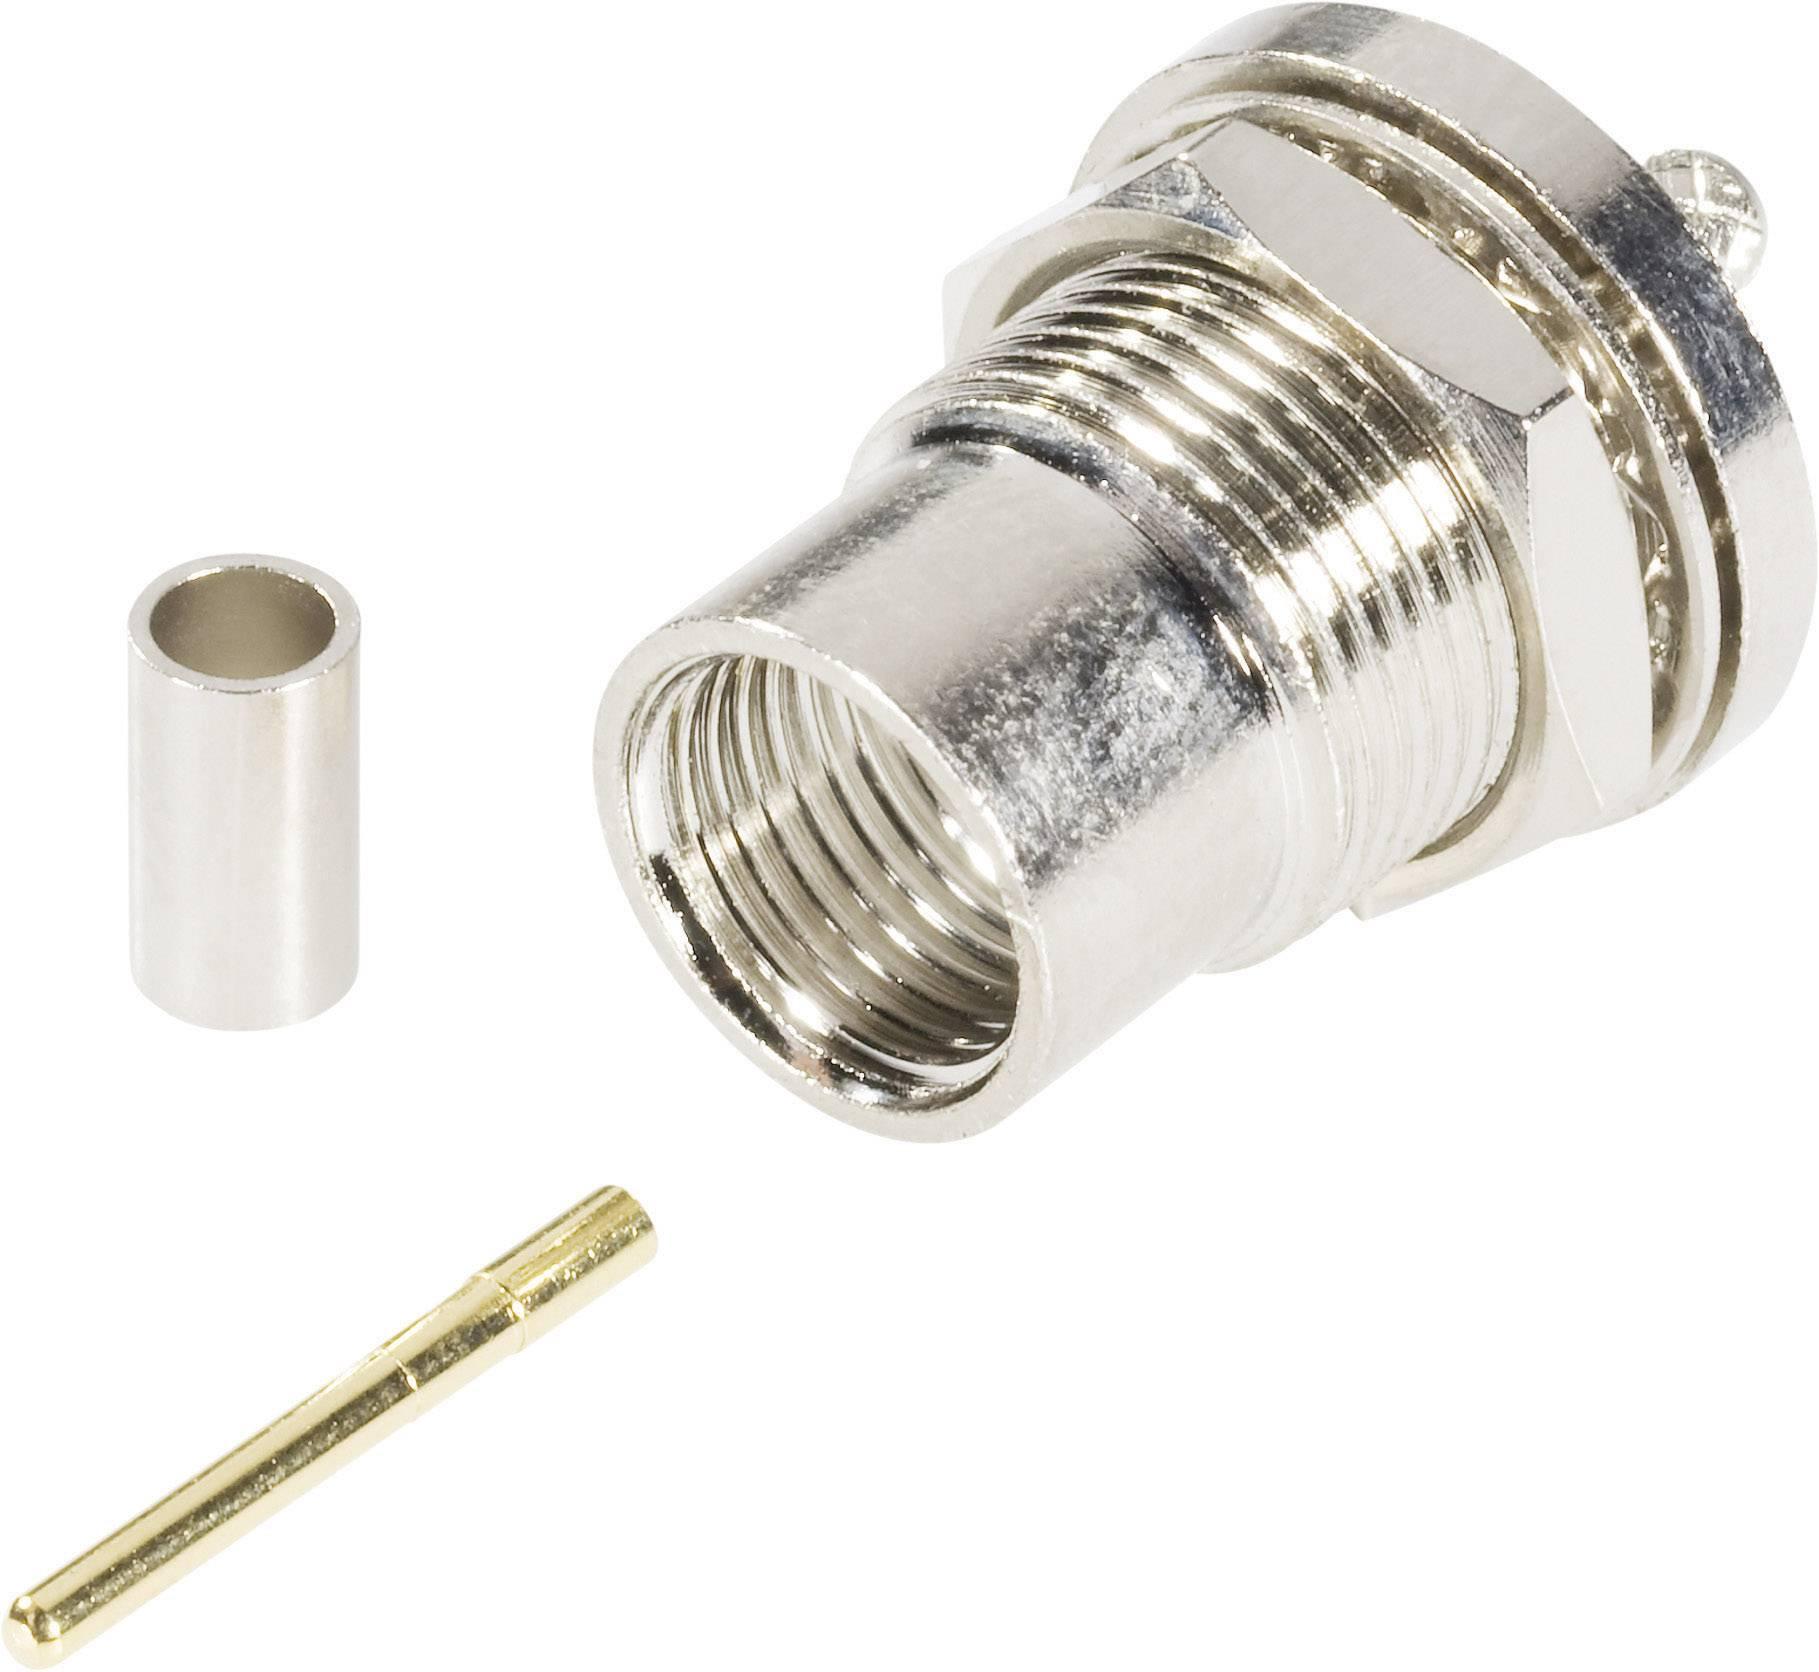 FME konektor - zástrčka, vestavná rovná BKL Electronic 0412064 5 mm, 50 Ohm, 1 ks